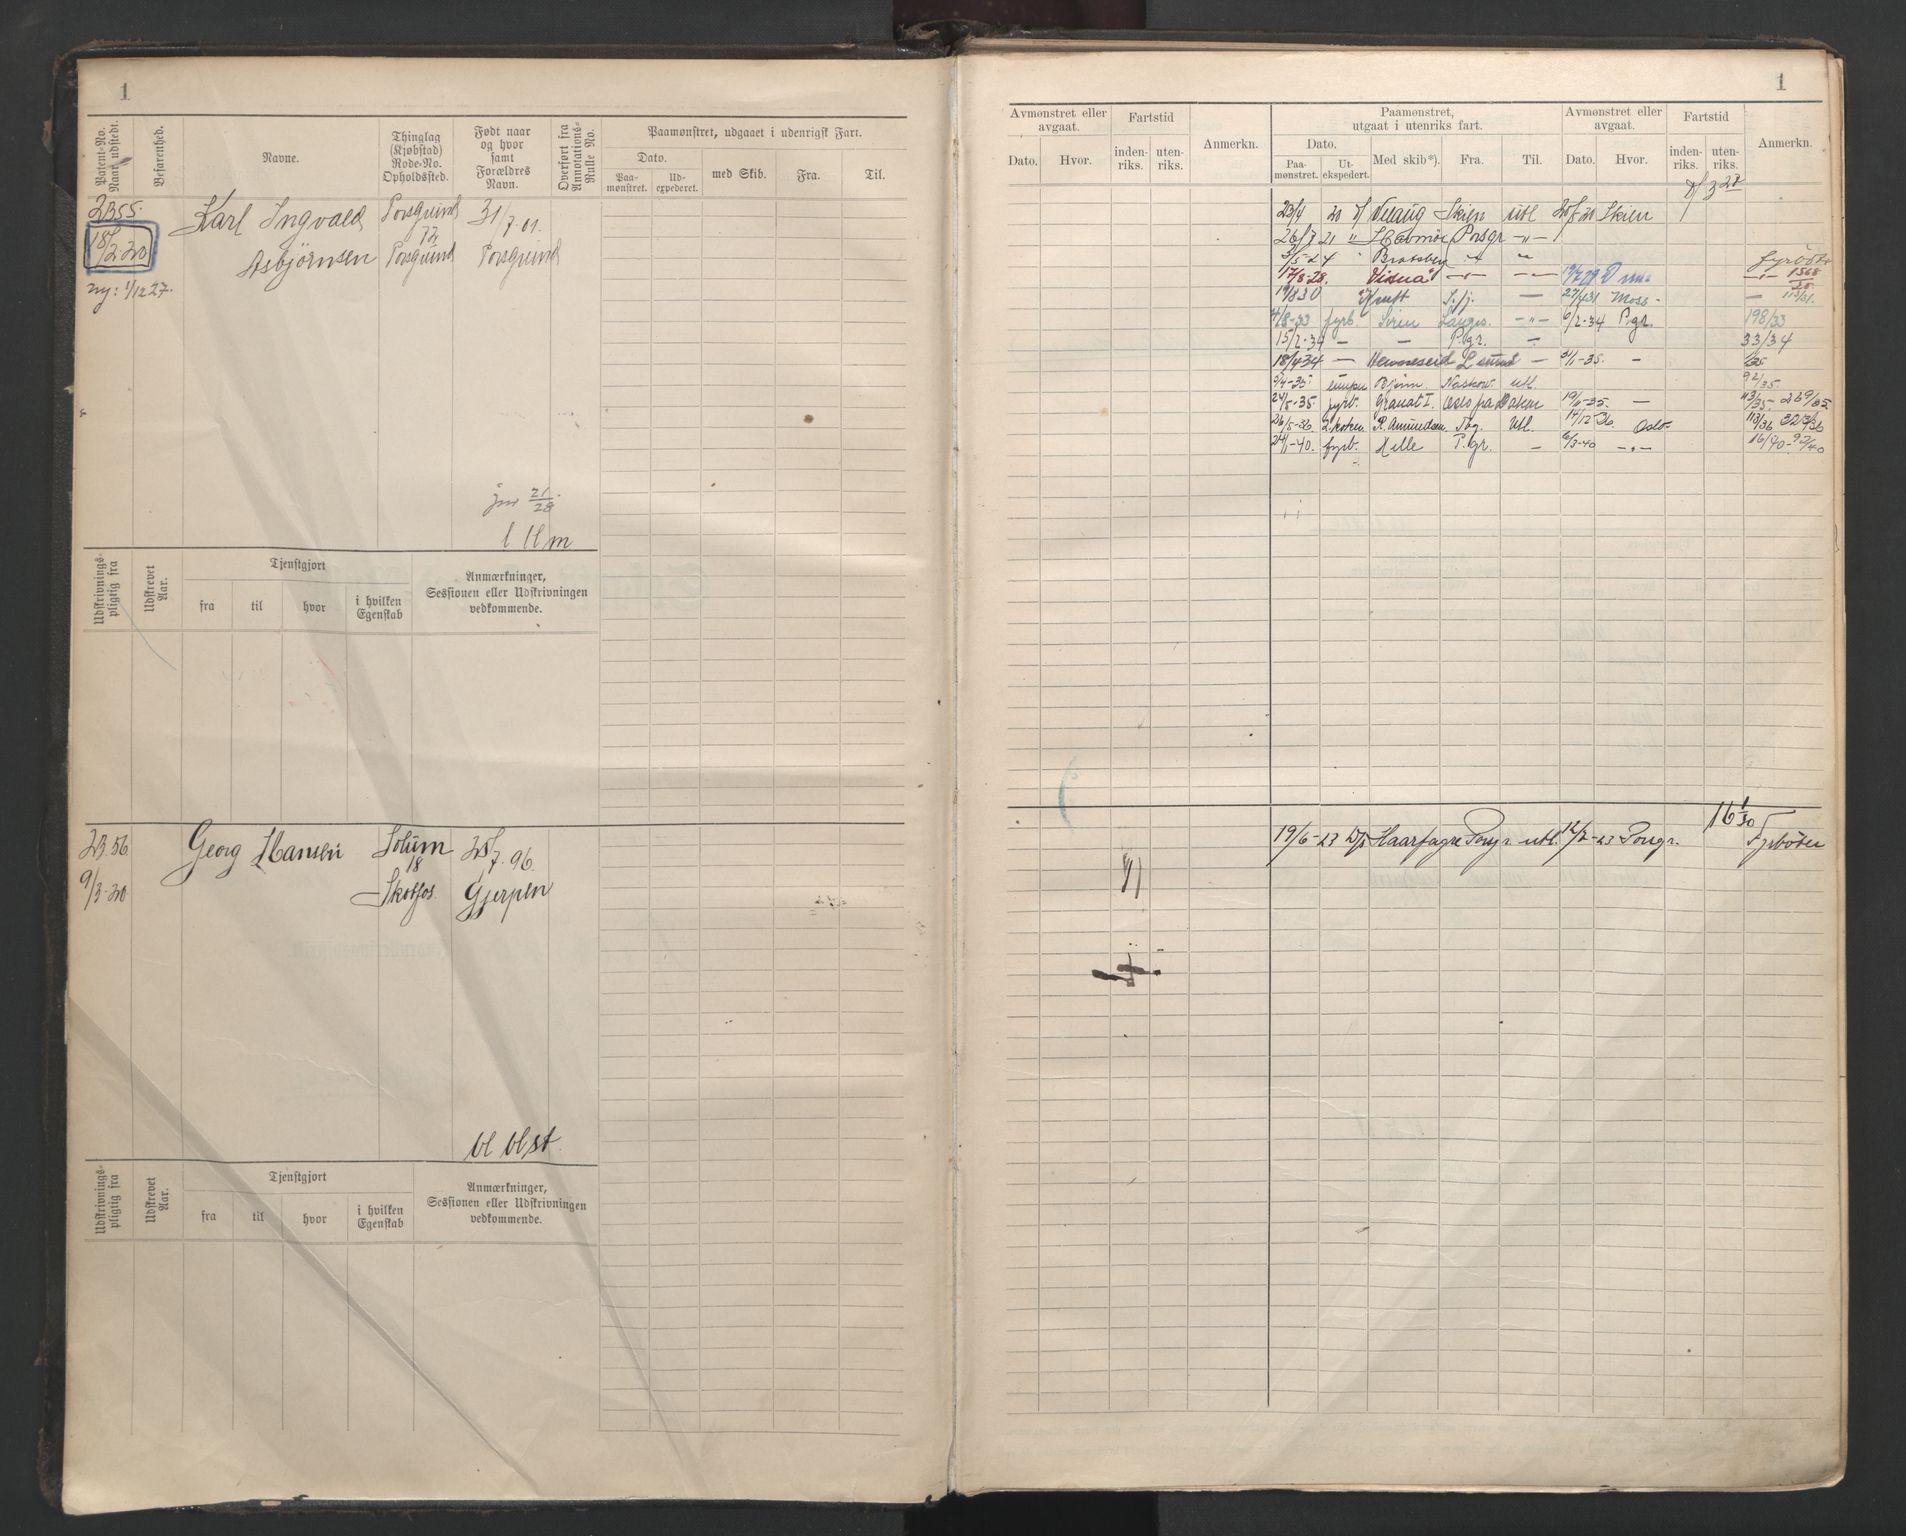 SAKO, Porsgrunn innrulleringskontor, F/Fb/L0007: Annotasjonsrulle, 1926-1948, s. 1